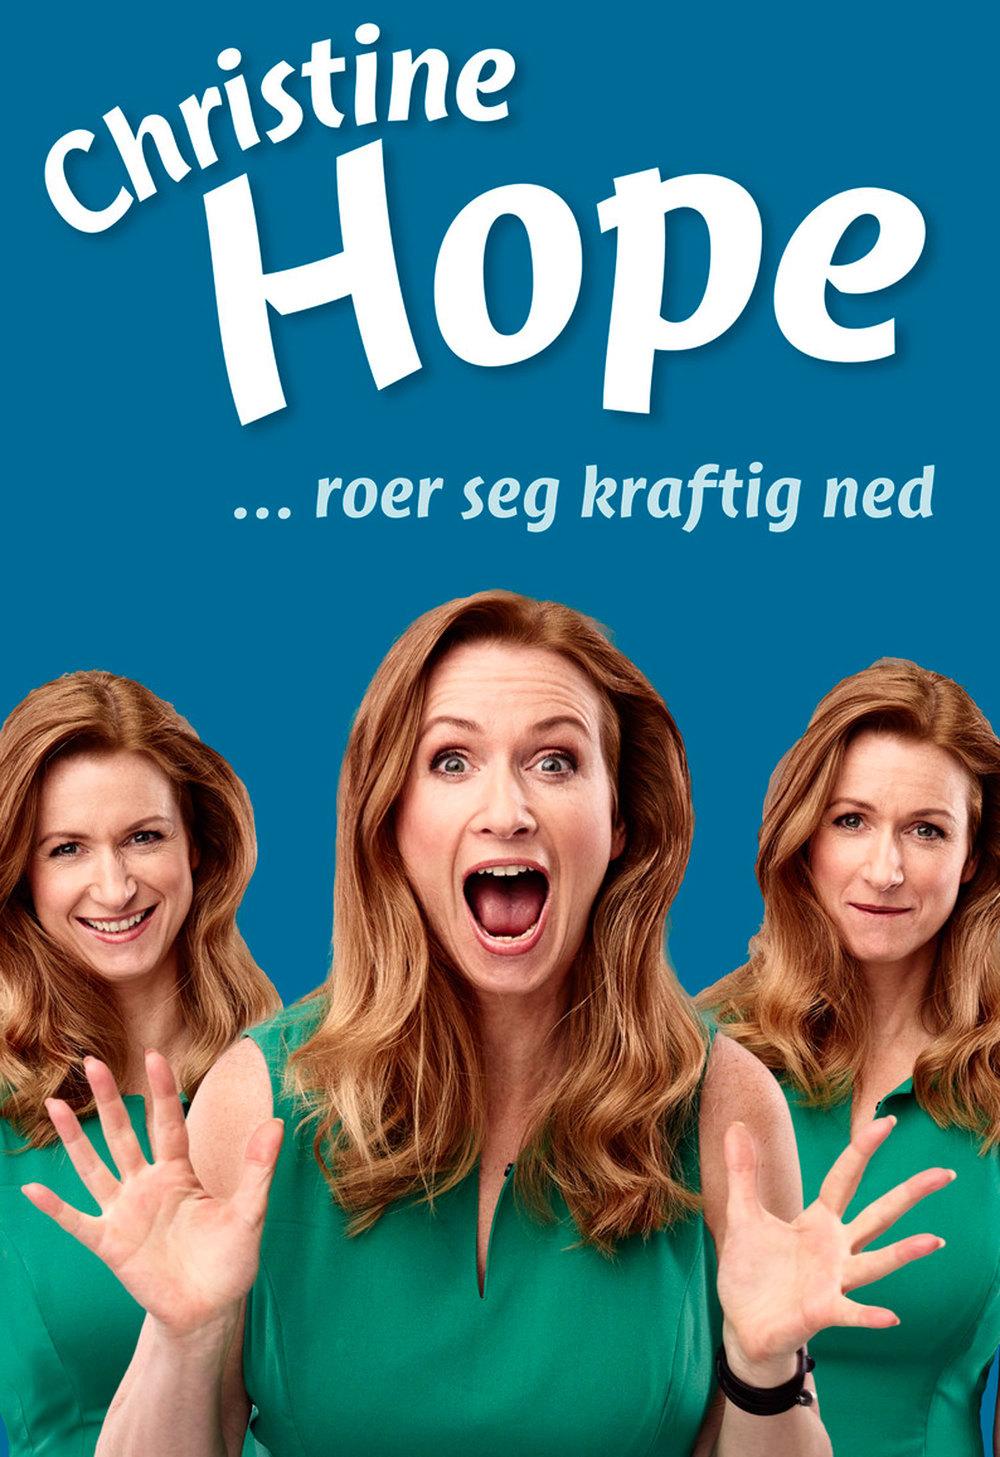 Christine Hope